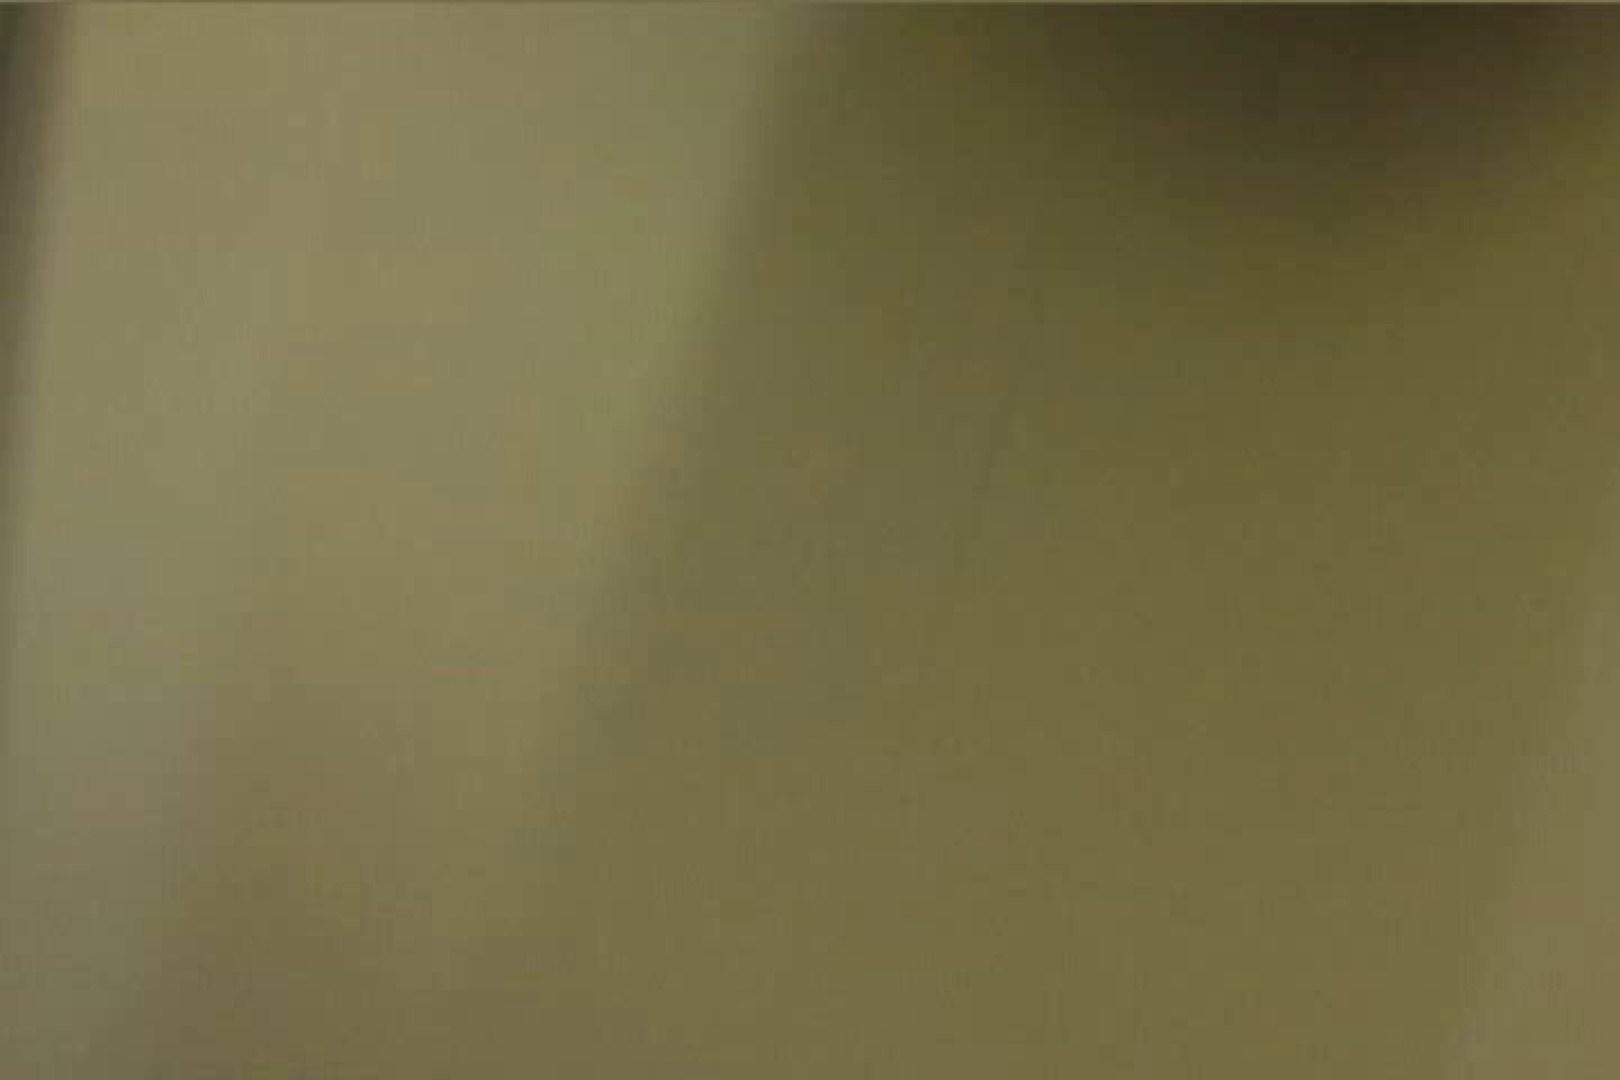 マンコ丸見え女子洗面所Vol.29 HなOL  108pic 77